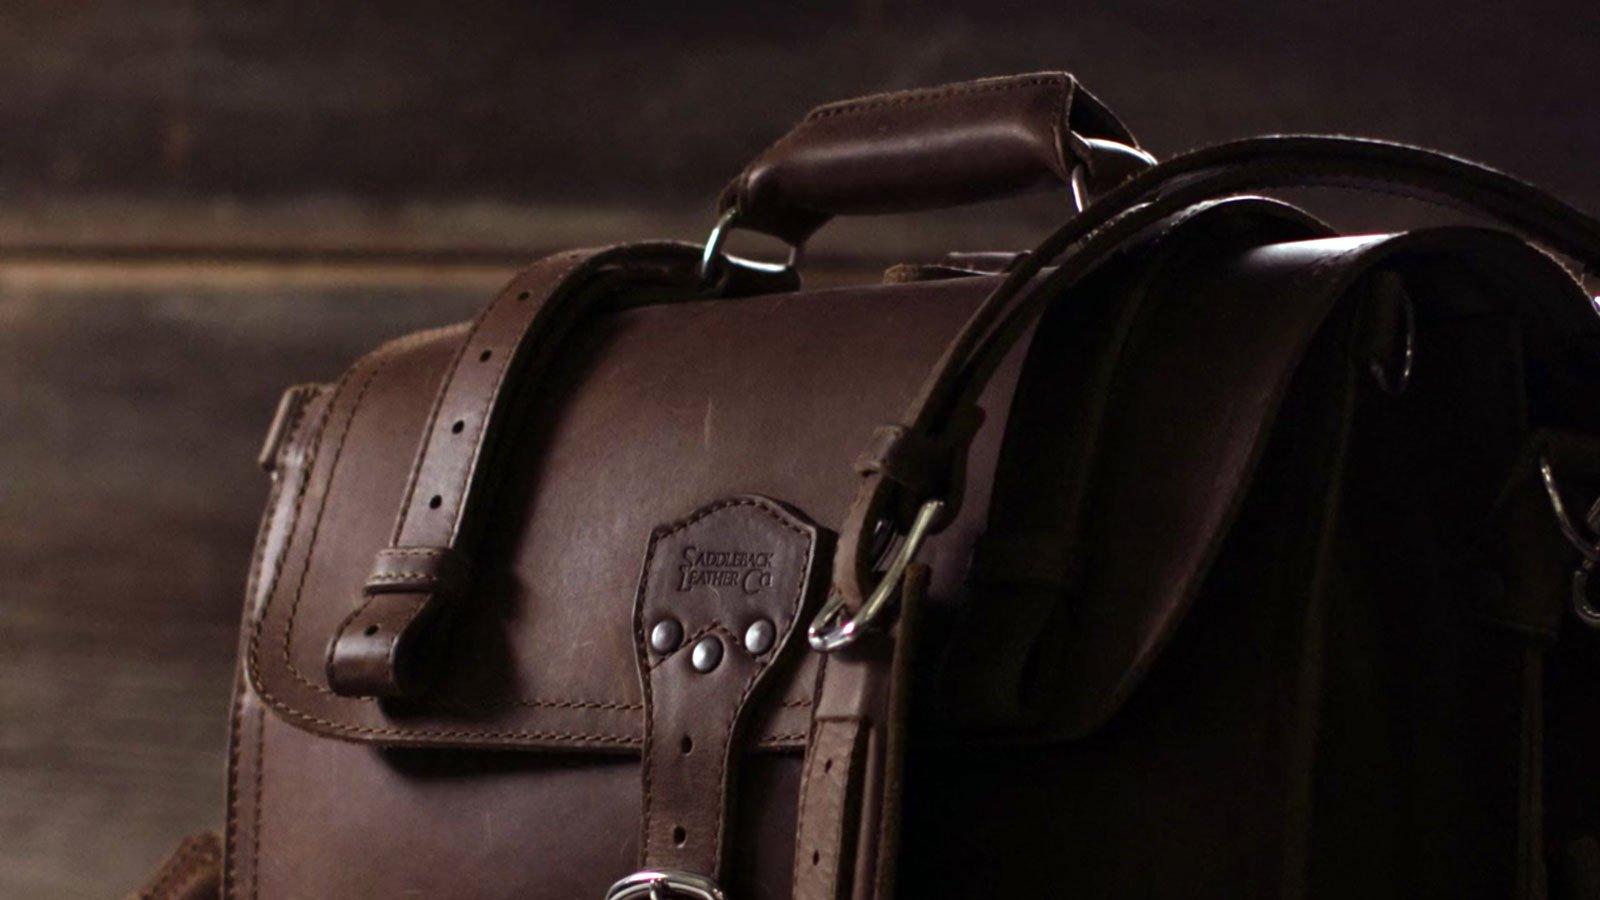 saddleback leather co bag